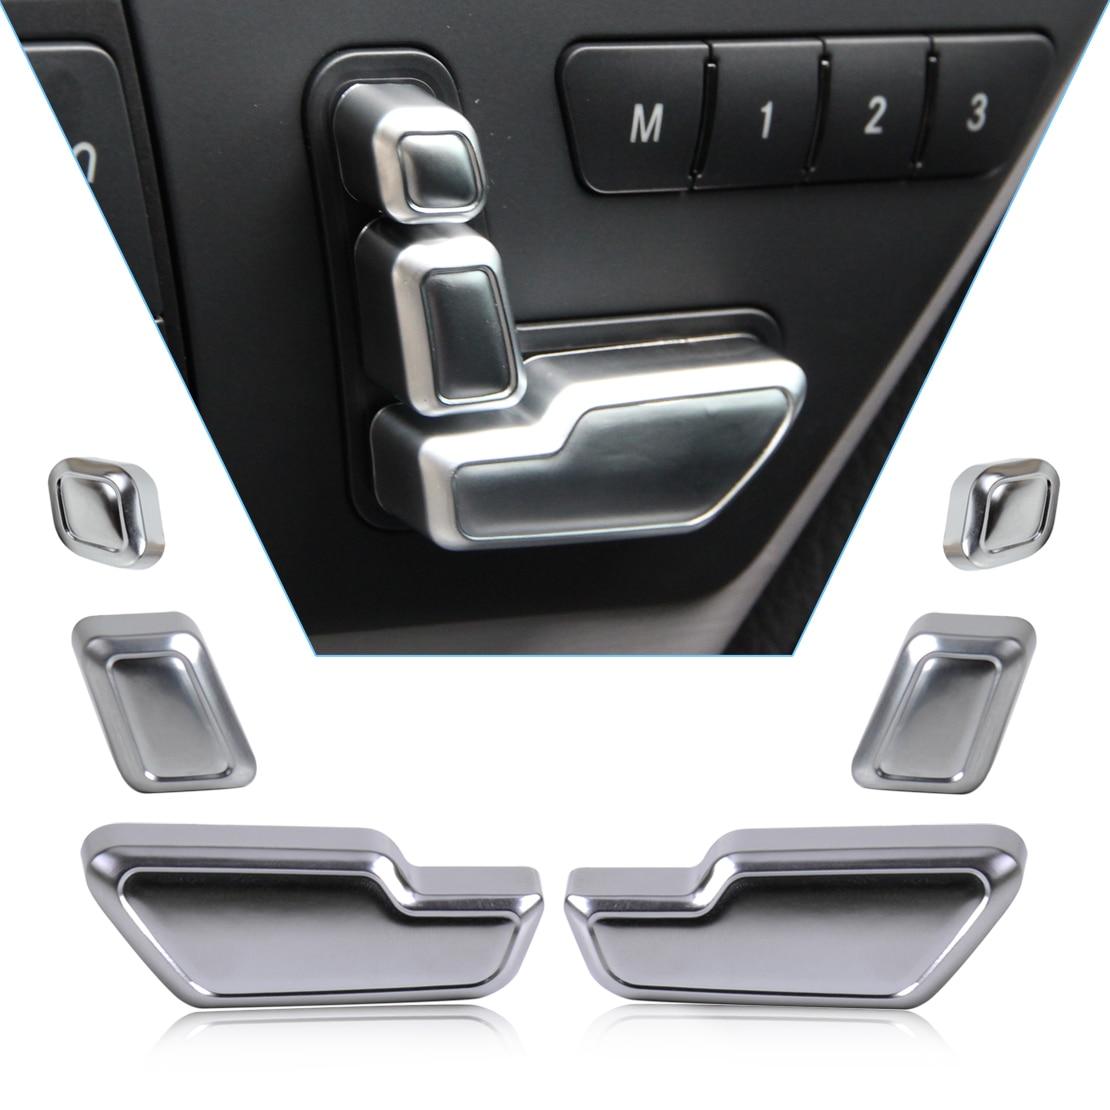 Beler جديد كروم مقعد الباب ضبط زر التبديل غطاء الكسوة لمرسيدس بنز E الفئة W212 218 CLS X166 GL 2014 2015